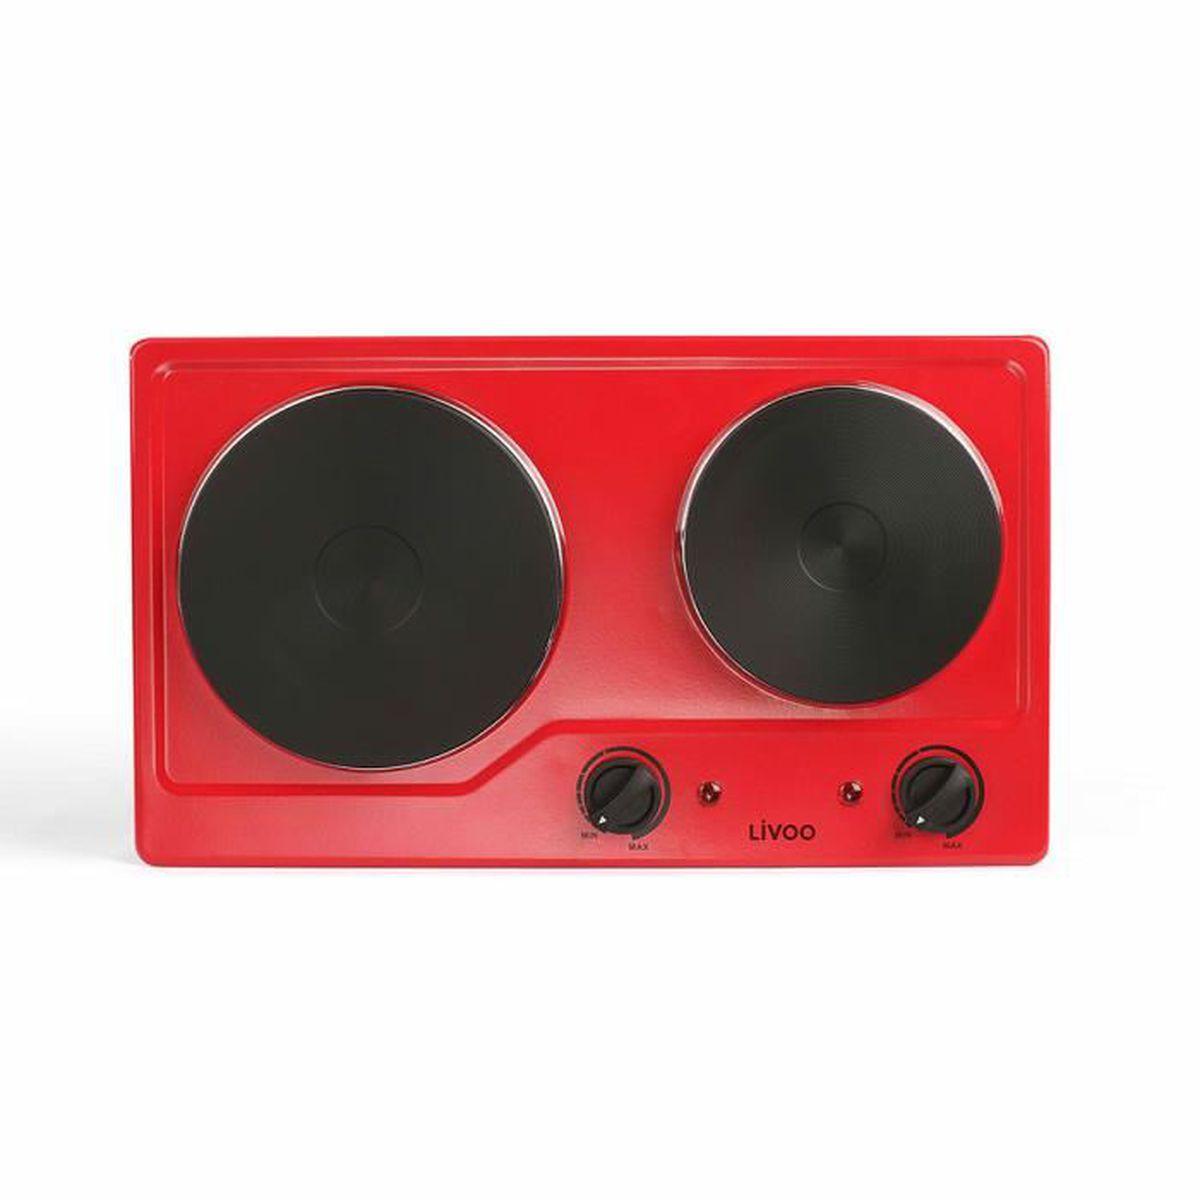 Demonter Plaque De Cuisson Electrique plaque de cuisson double électrique domoclip doc168r rouge